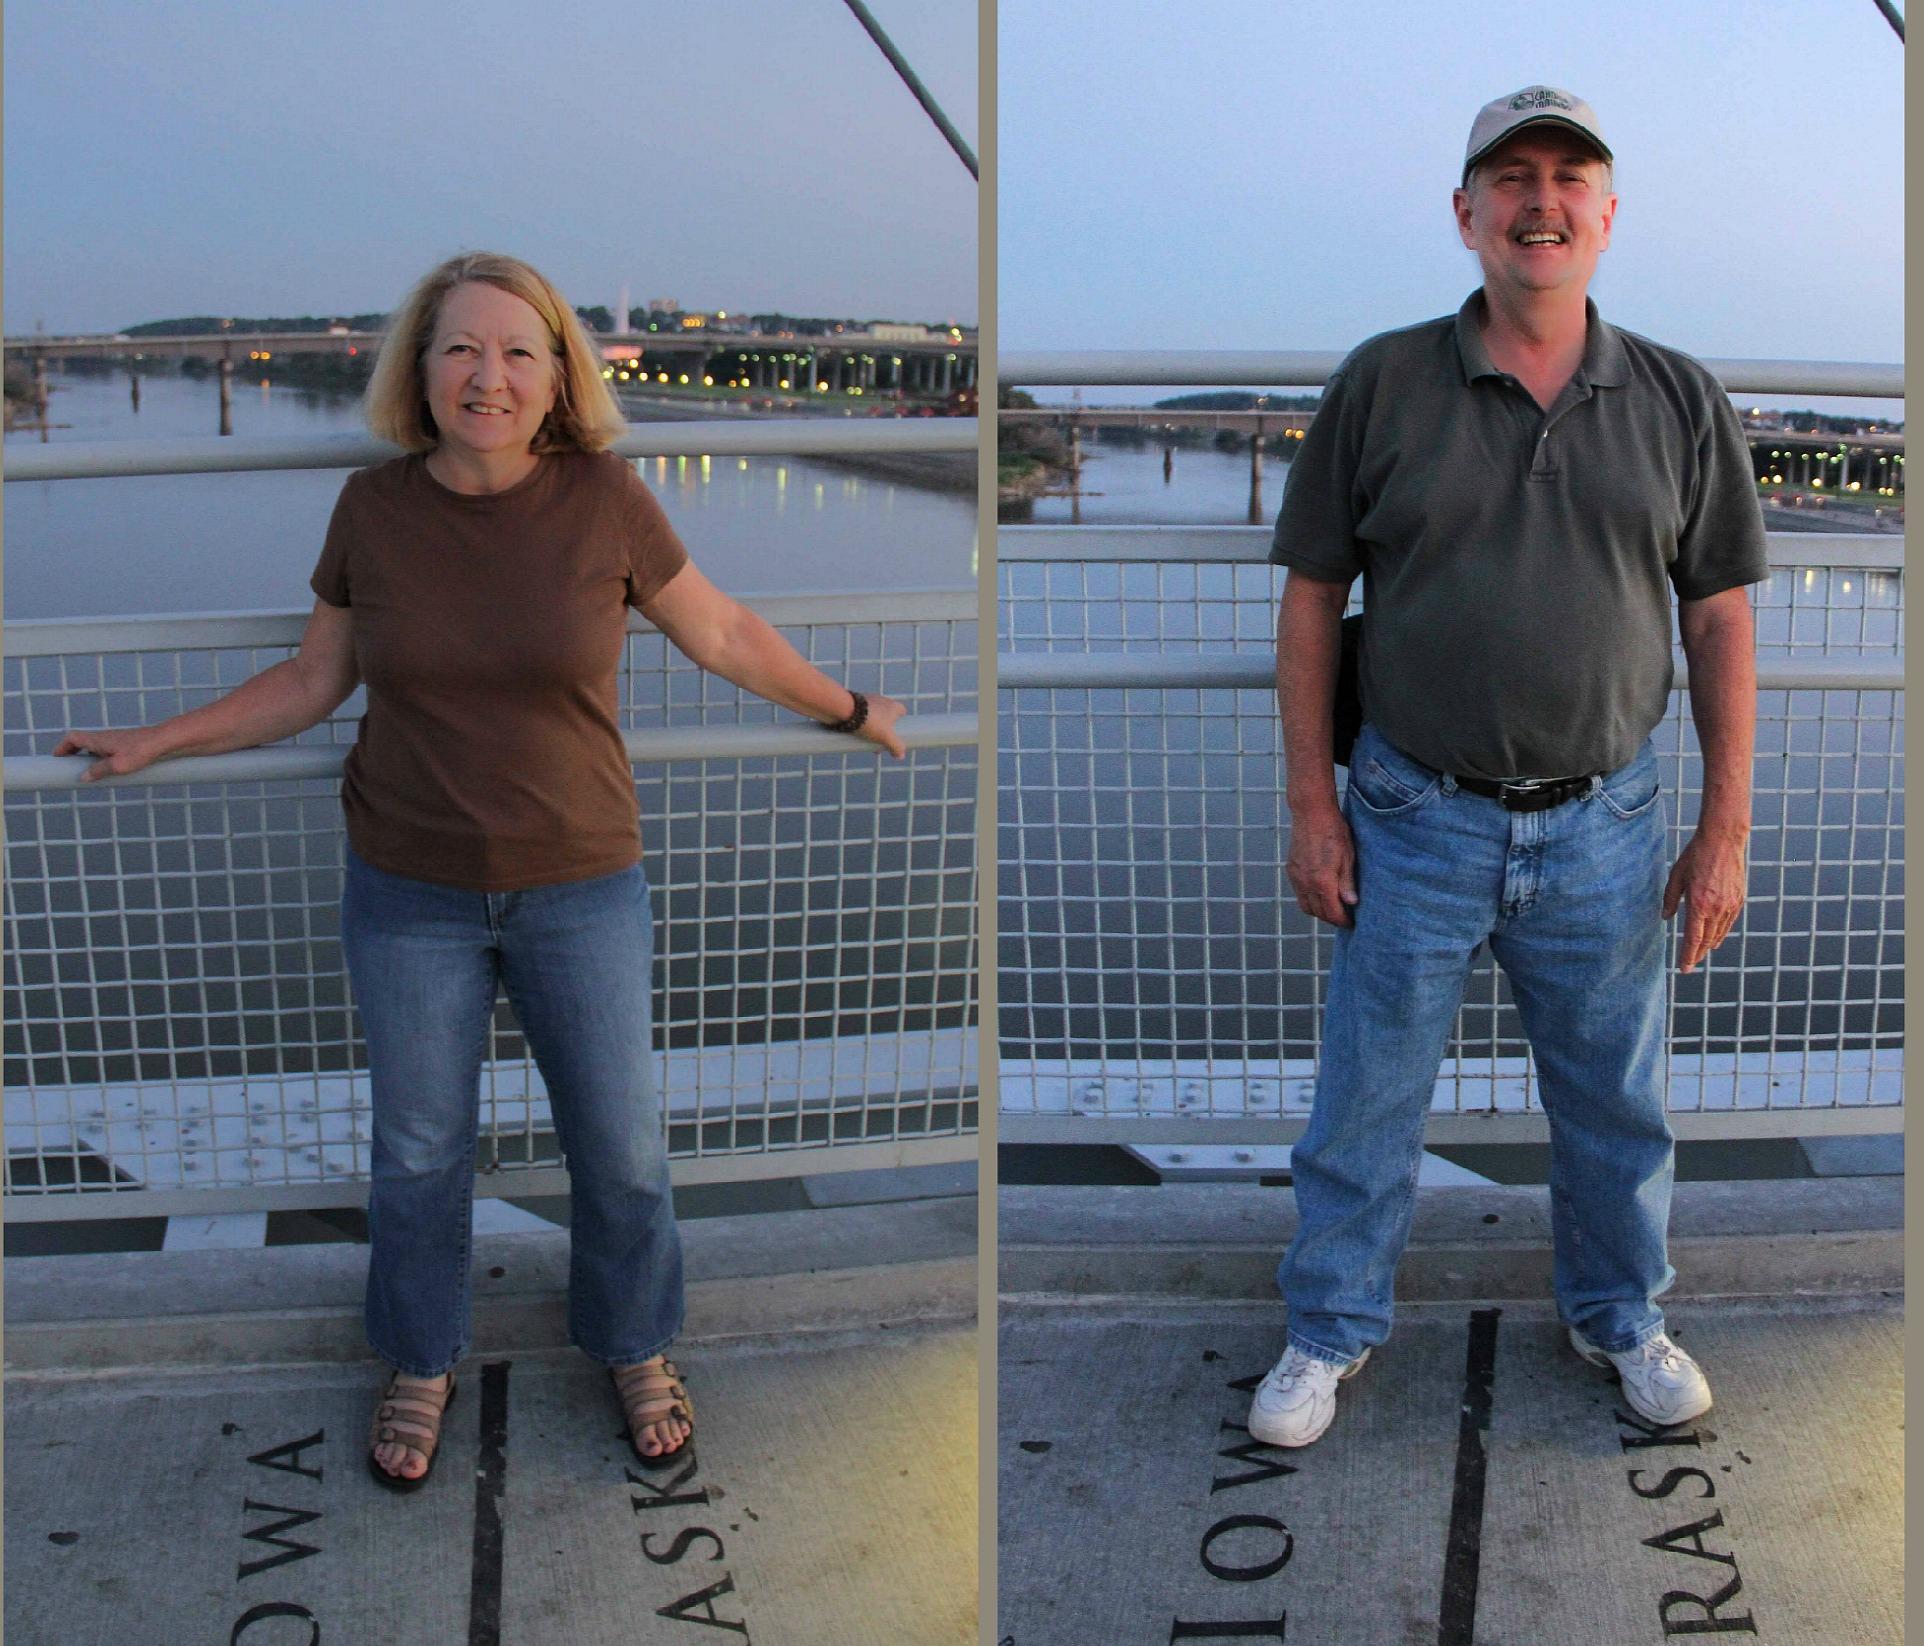 Connecting two states on the Bob Kerrey Pedestrian Bridge